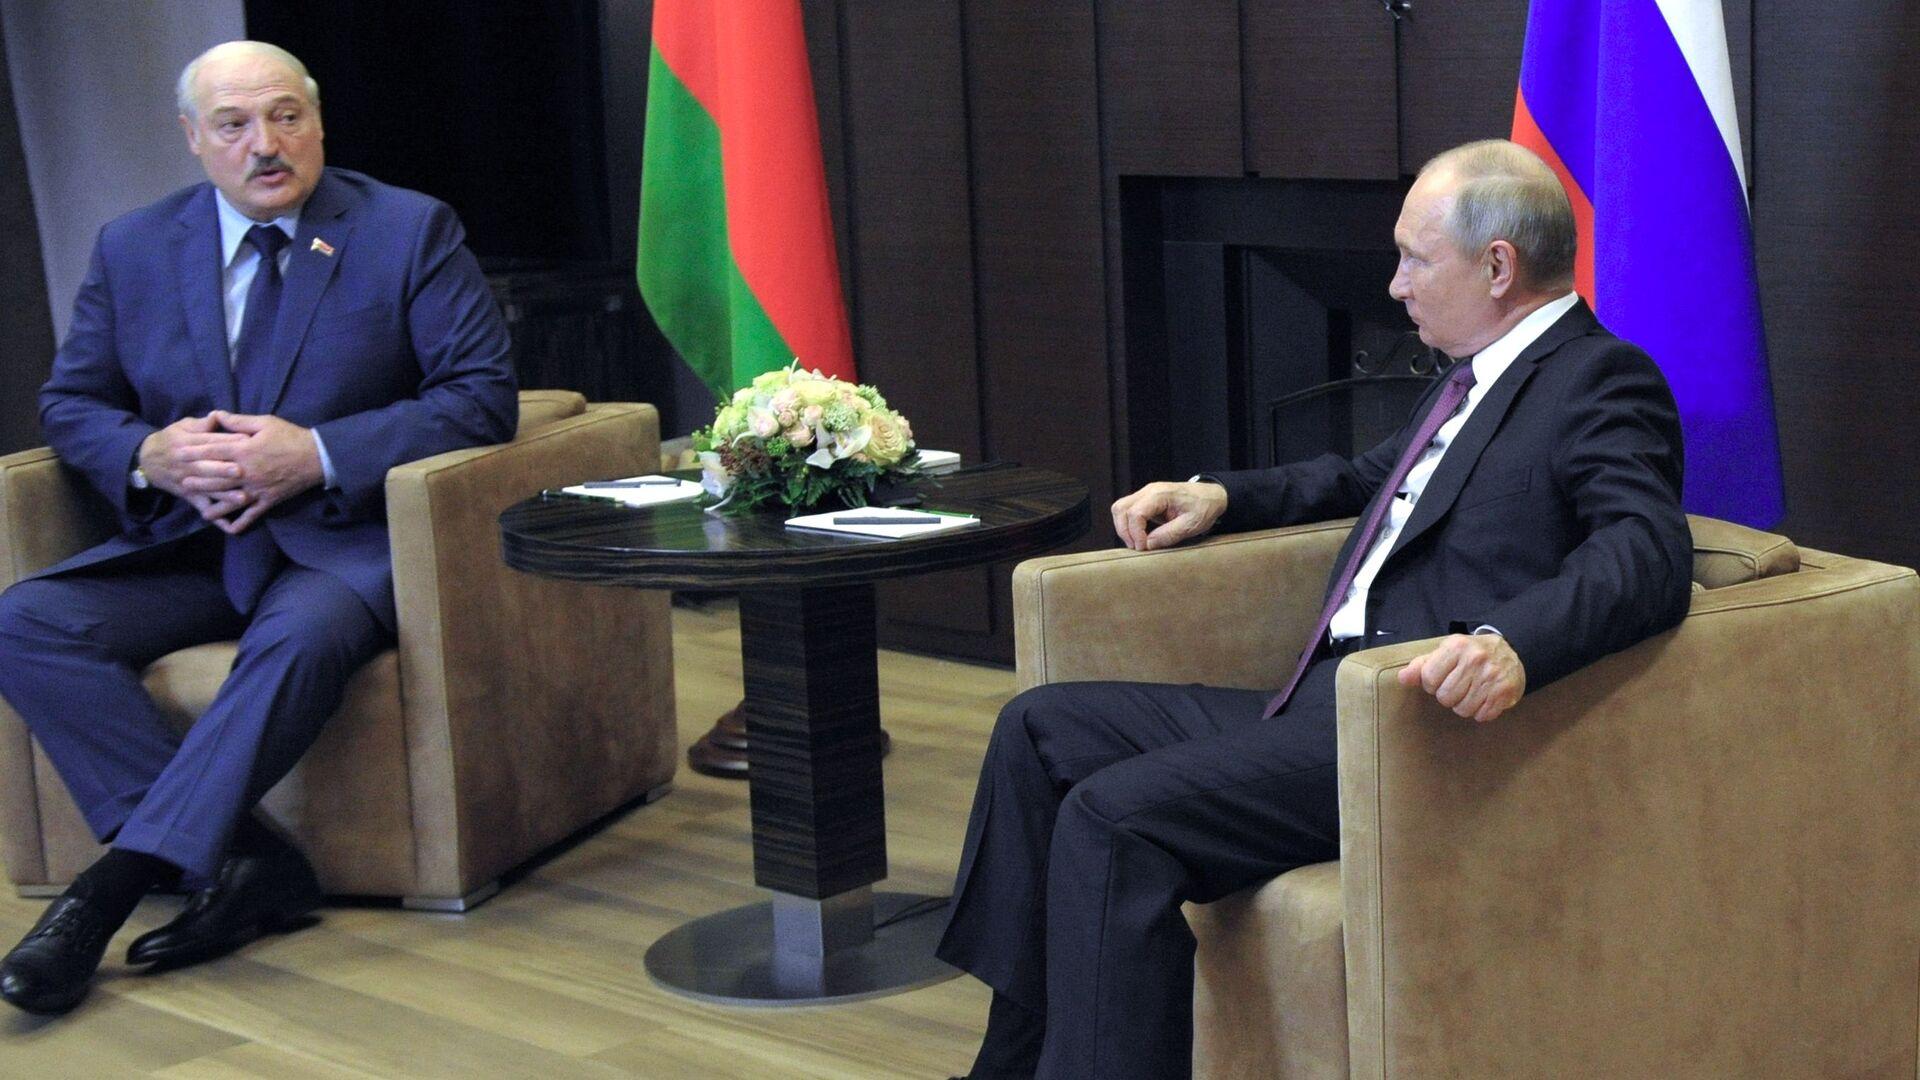 Президент РФ В. Путин встретился с президентом Белоруссии А. Лукашенко - РИА Новости, 1920, 27.09.2021